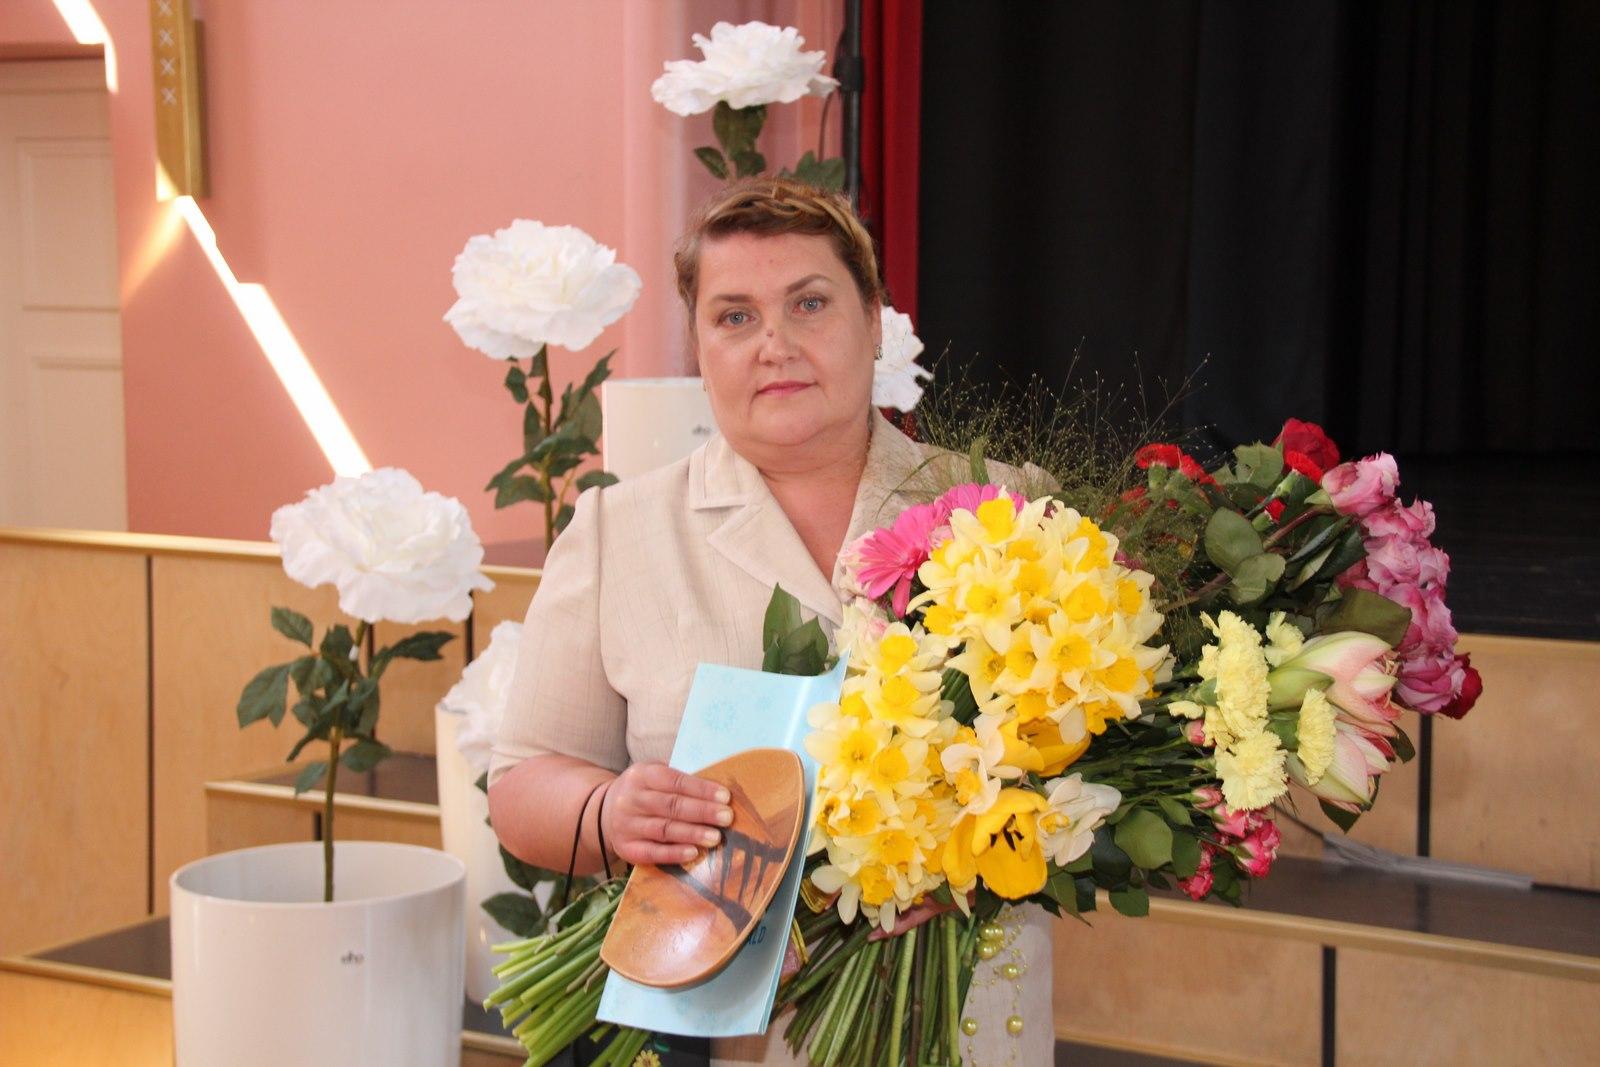 Otepää vald ootab kandidaate Aasta ema aunimetusele